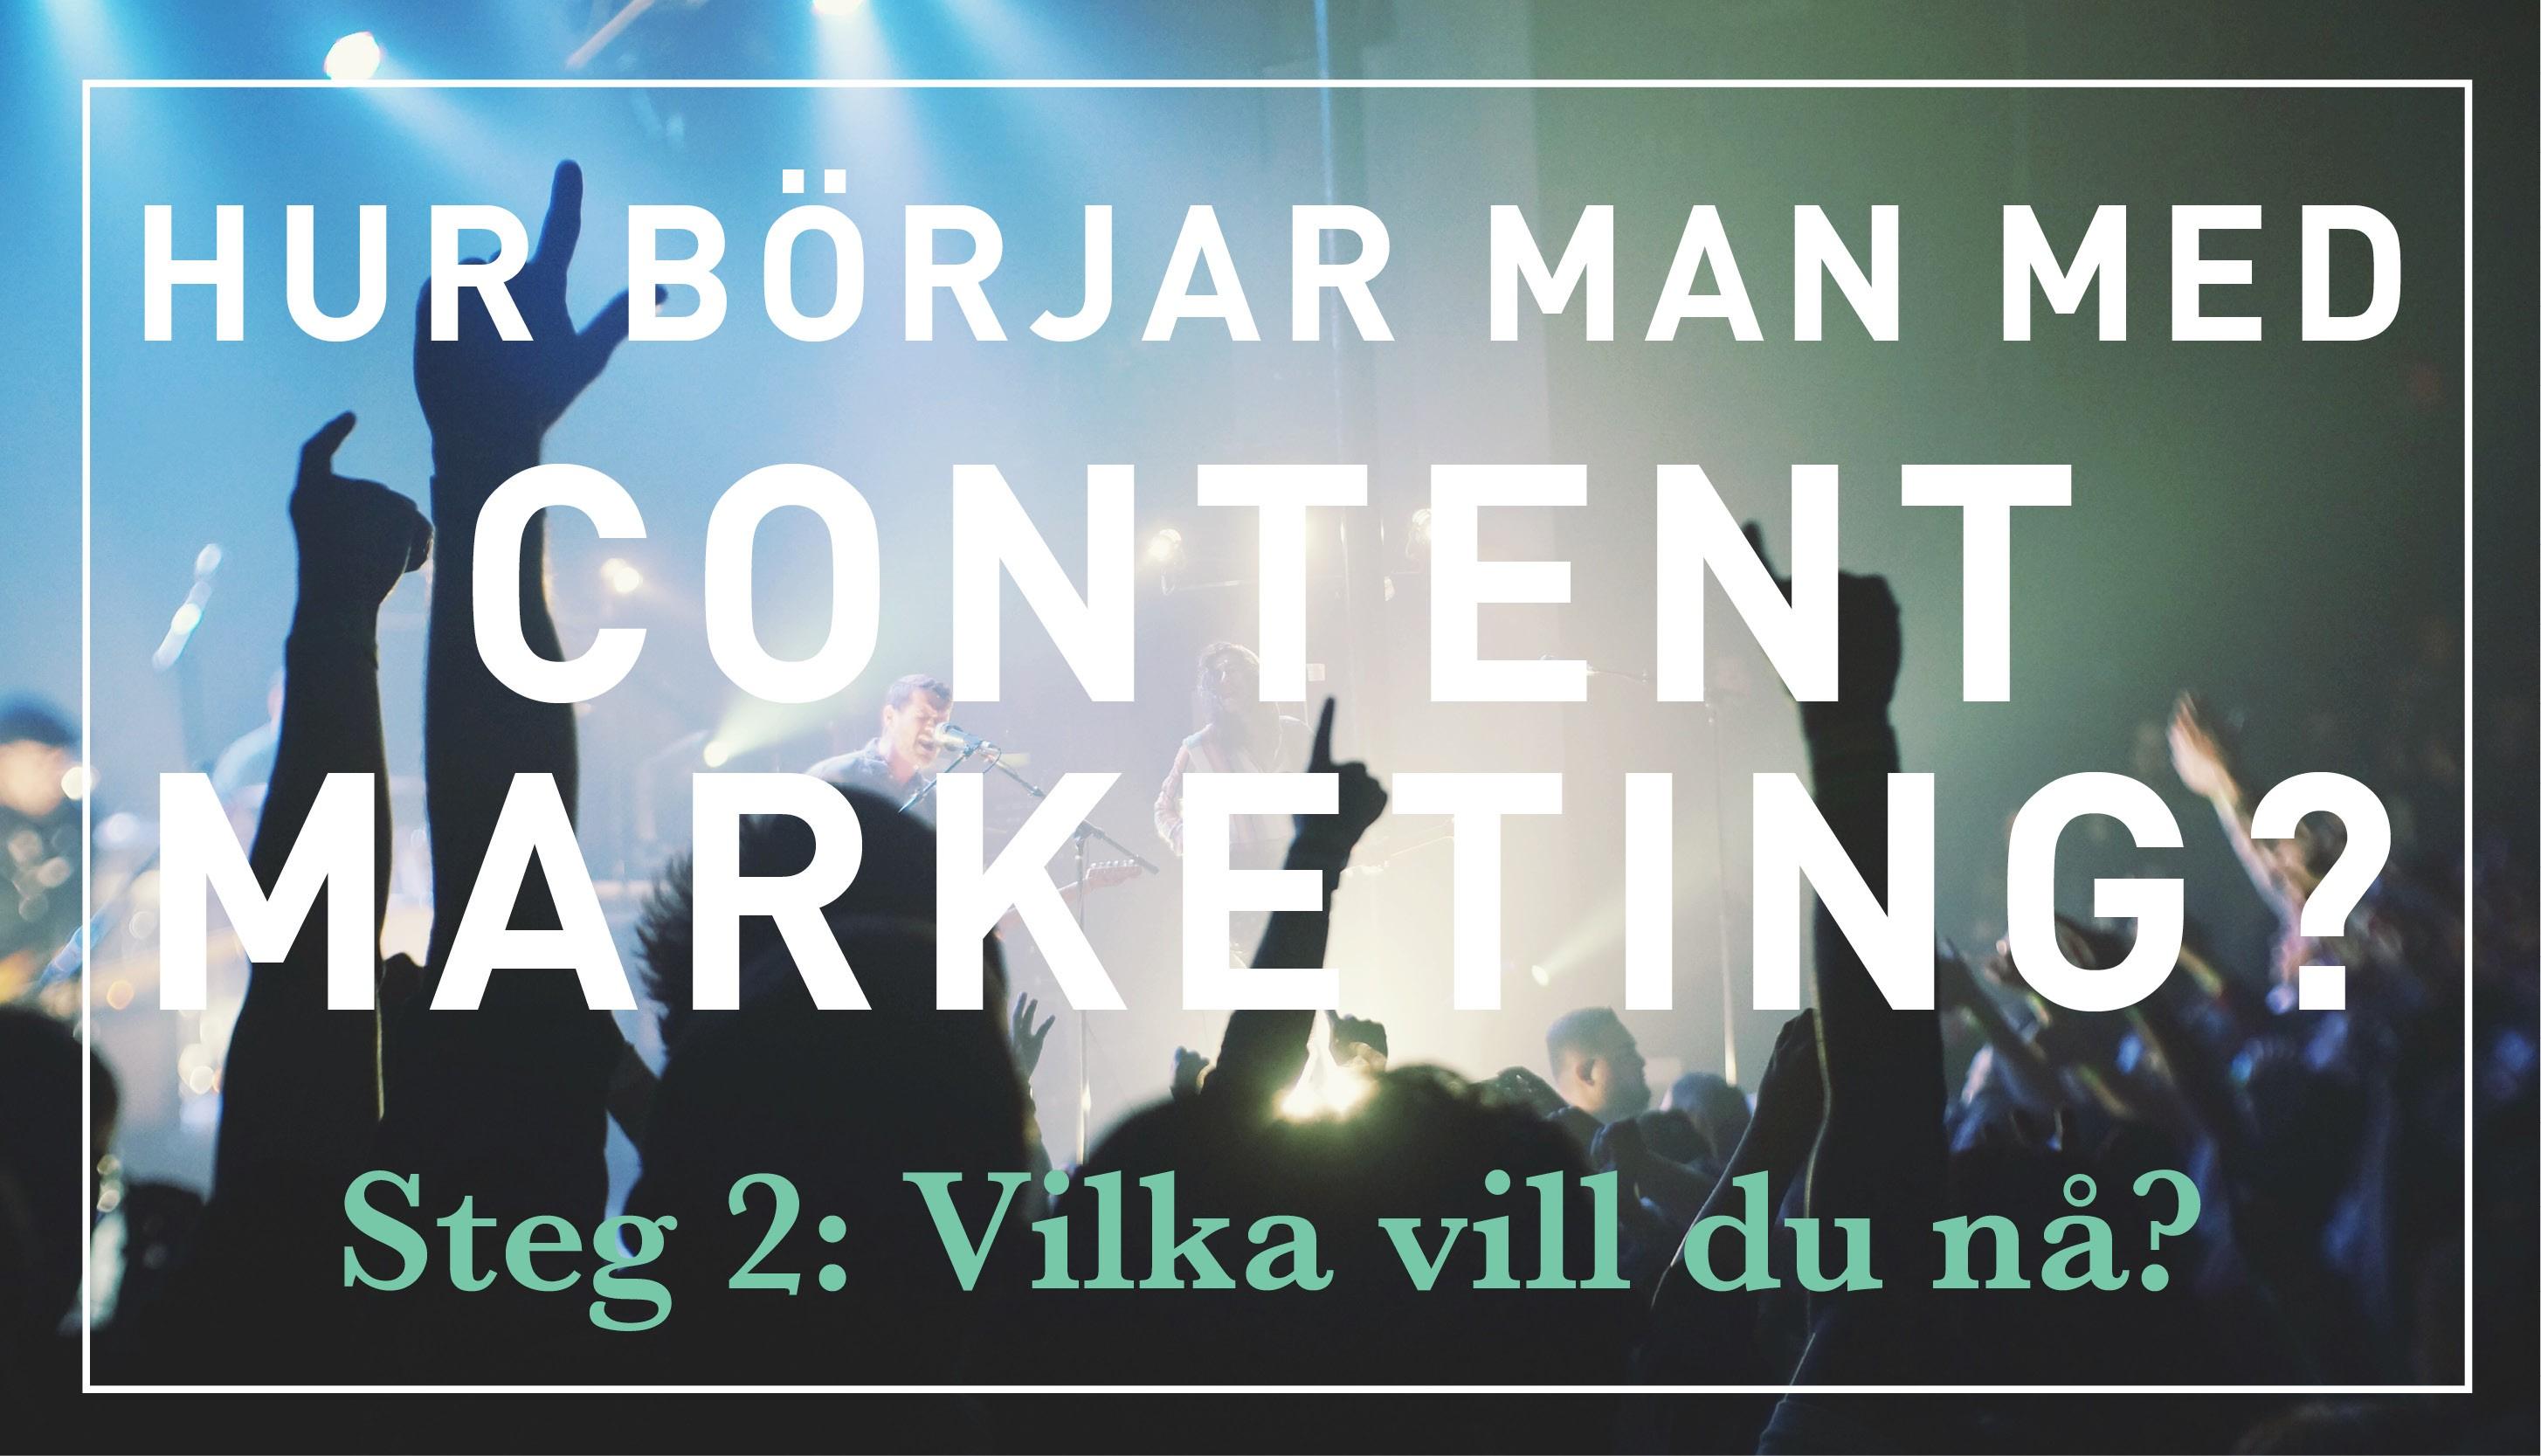 Vilka vill du nå i din content marketing?